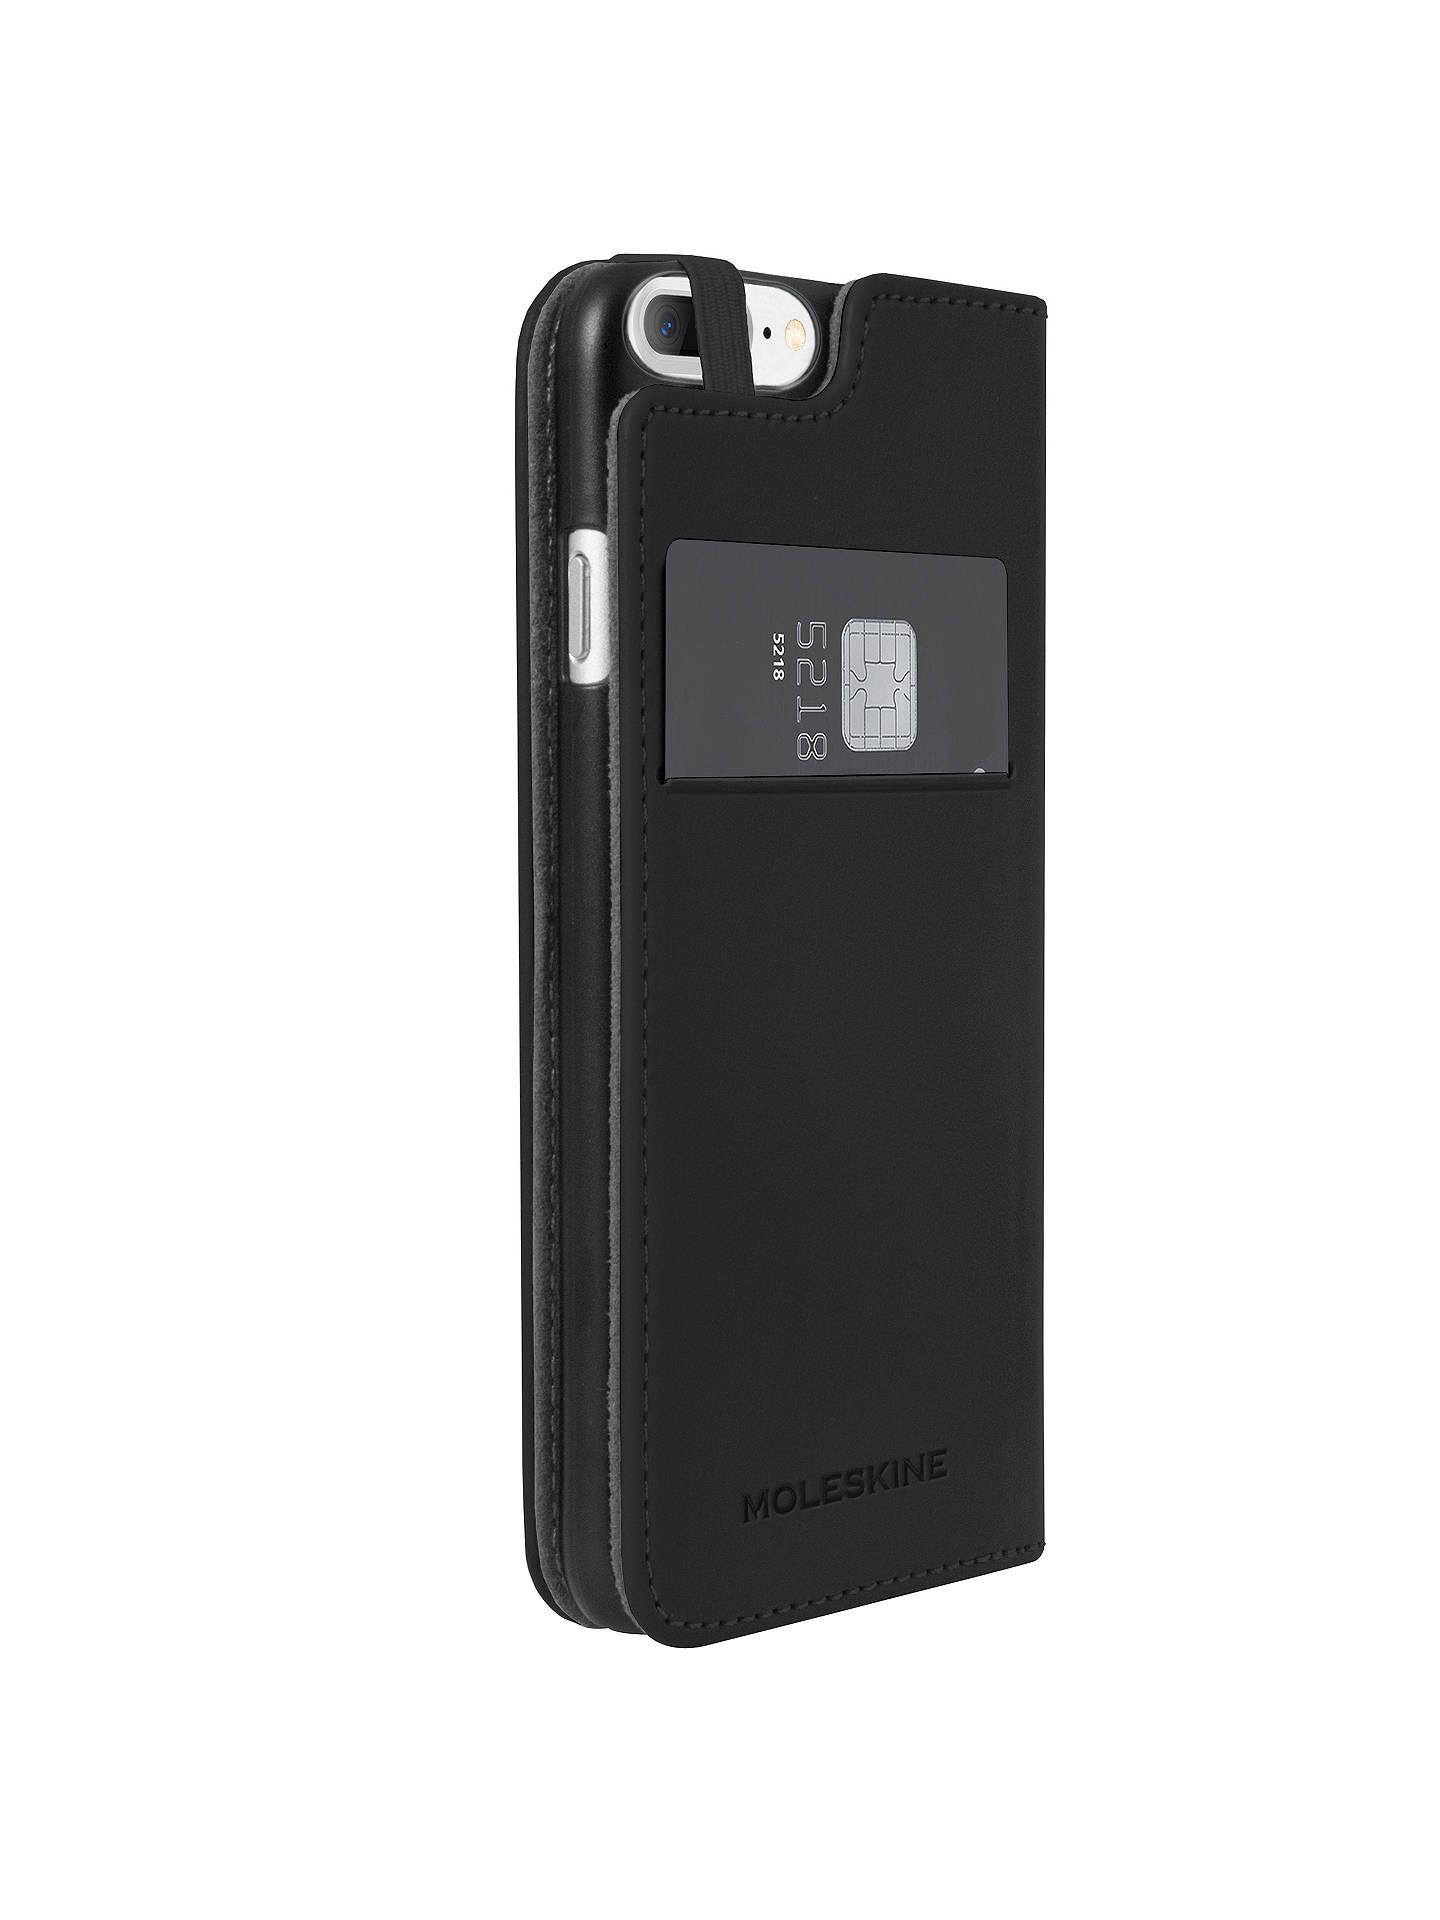 online retailer 9ffc5 ea56c Moleskine Folio Case for Apple iPhone 7 Plus at John Lewis & Partners